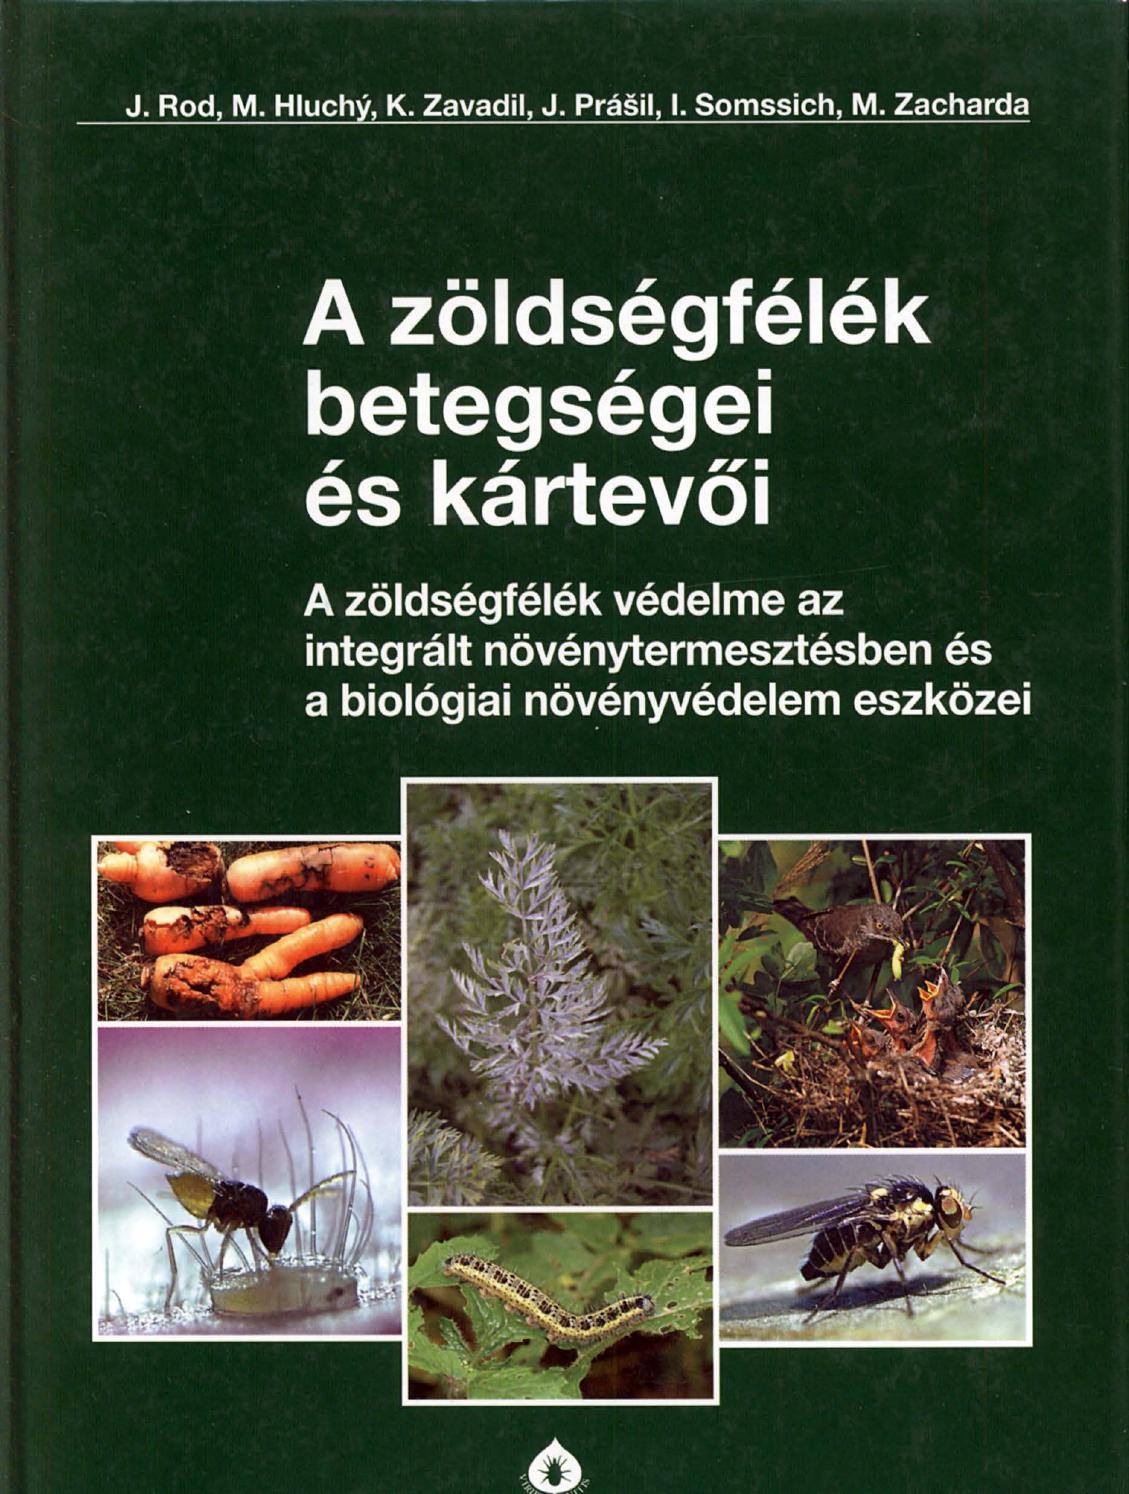 kerekesférgek elleni védekezés és megelőzés